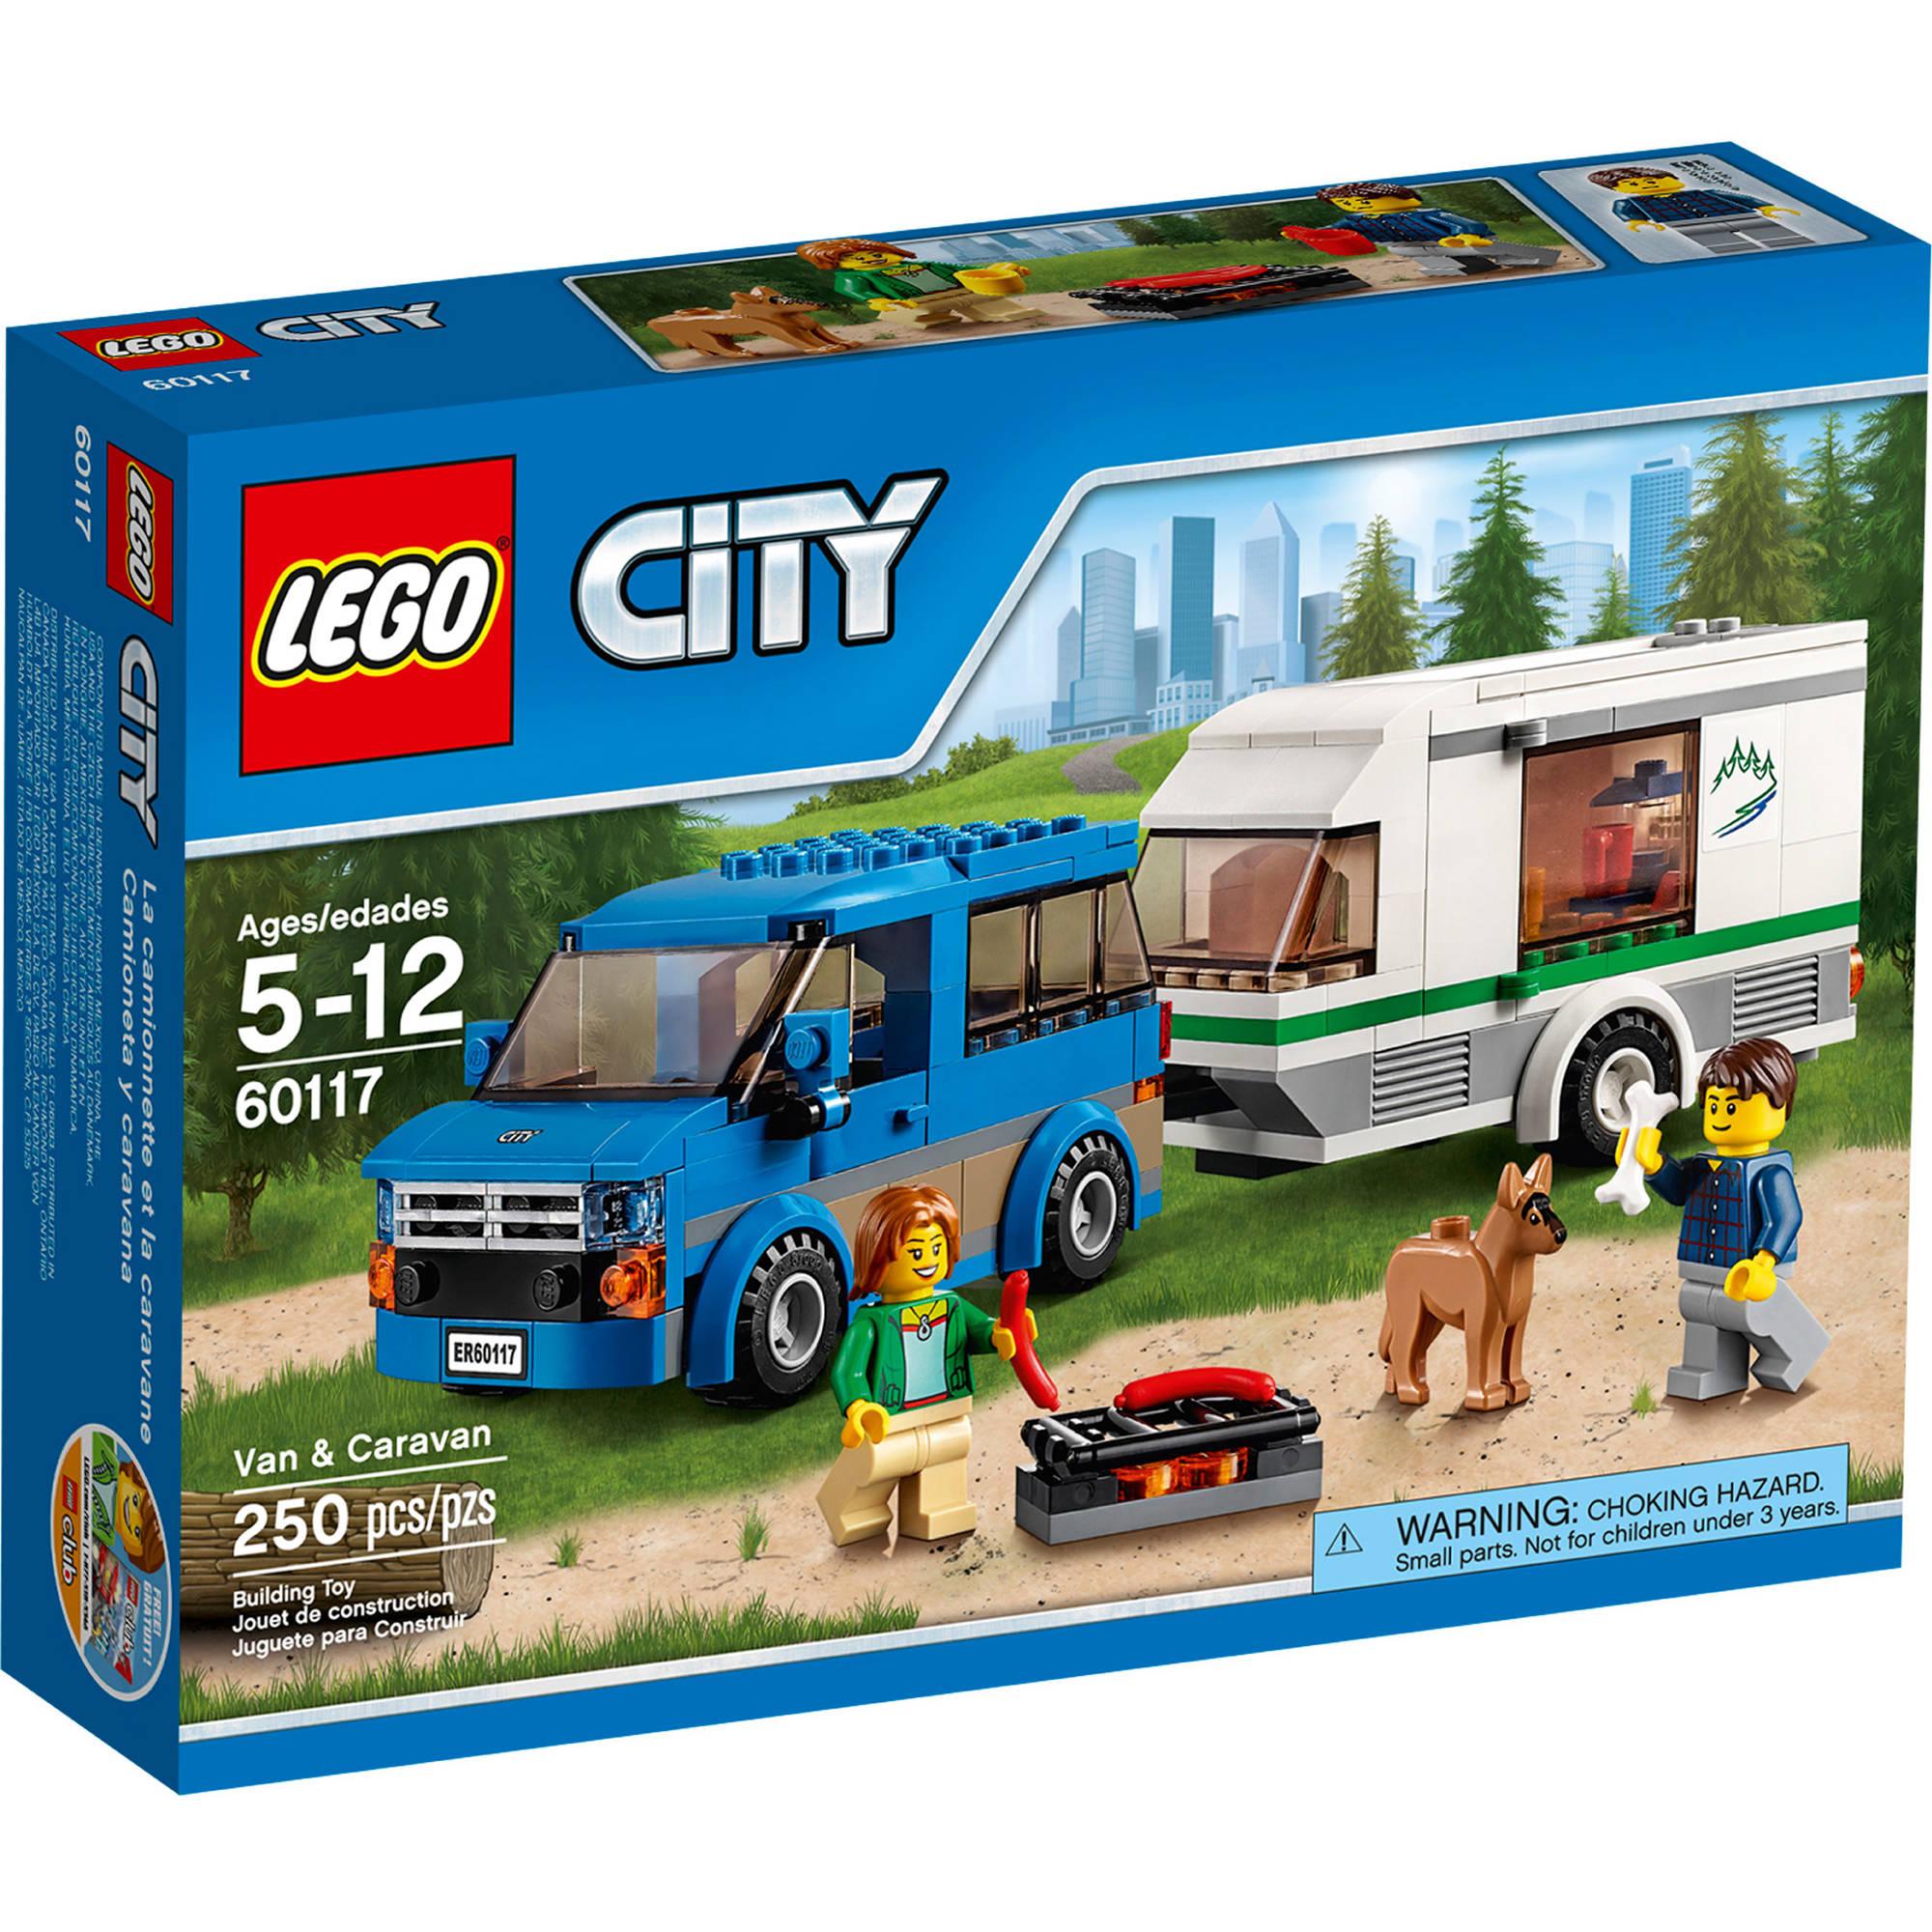 LEGO City Great Vehicles Van & Caravan 60117